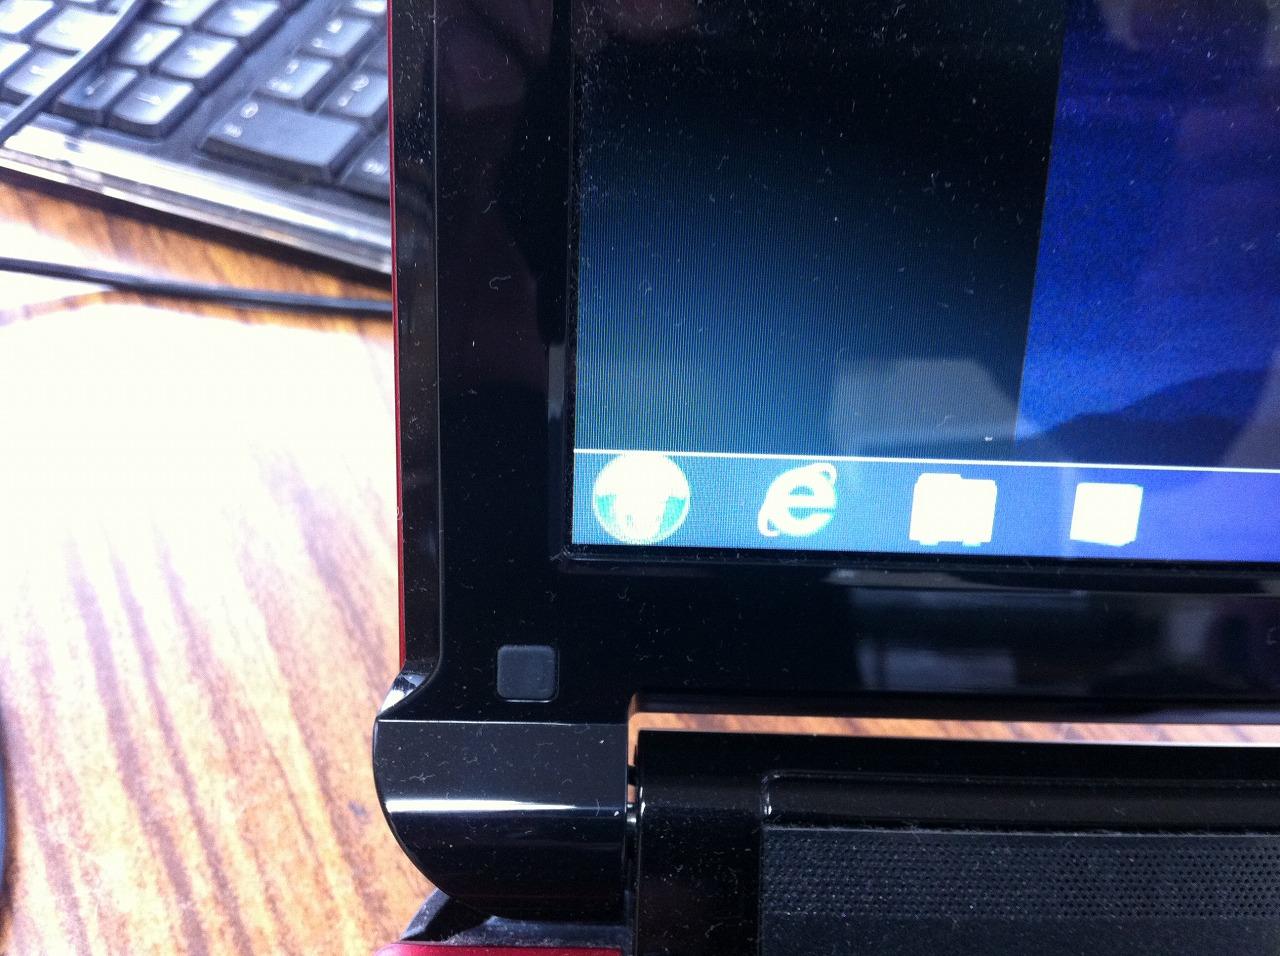 富士通 Lifebook Ah56 D デスクトップの壁紙まで表示されて操作不能 金沢市のパソコン修理専門店 Pcr Service